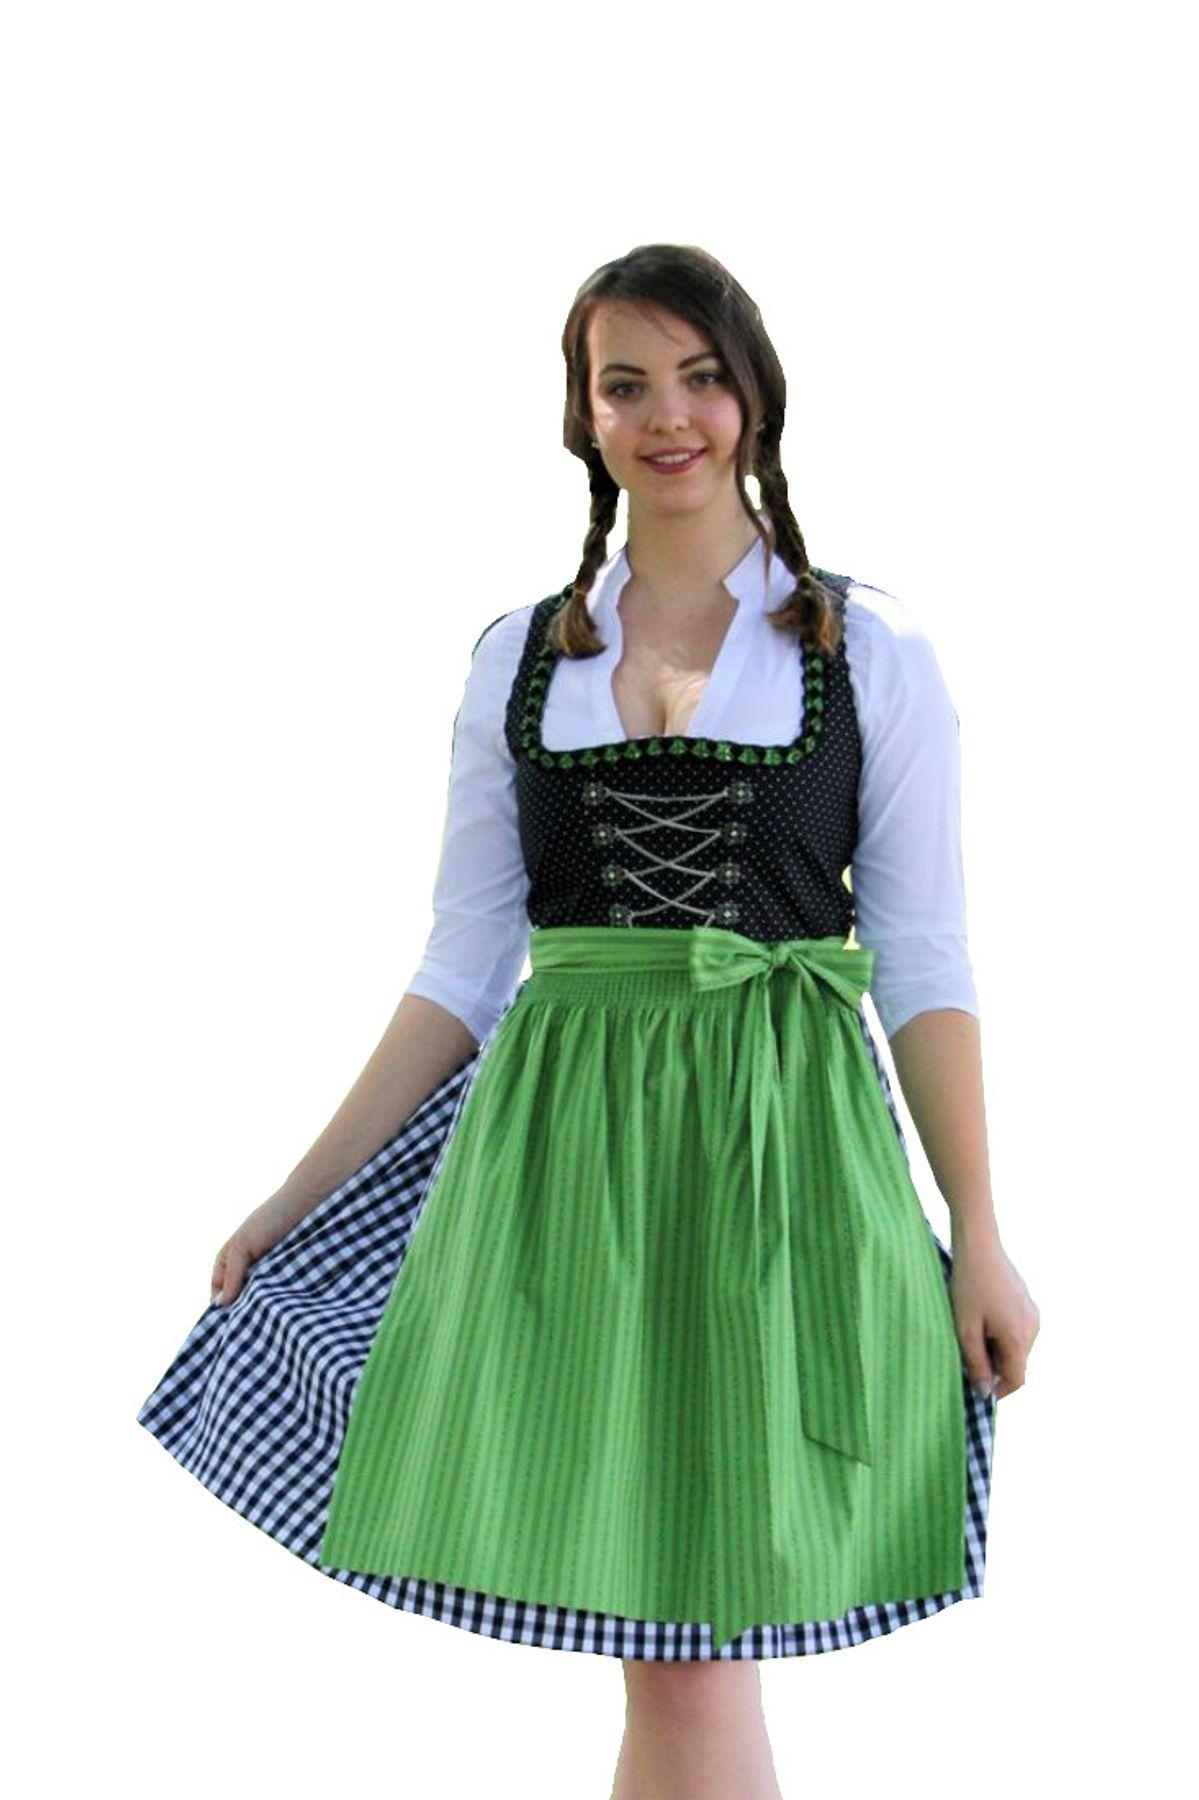 Fuchs Trachten - Damen Dirndl,  (60 cm) (Artikelnummer: 5201)